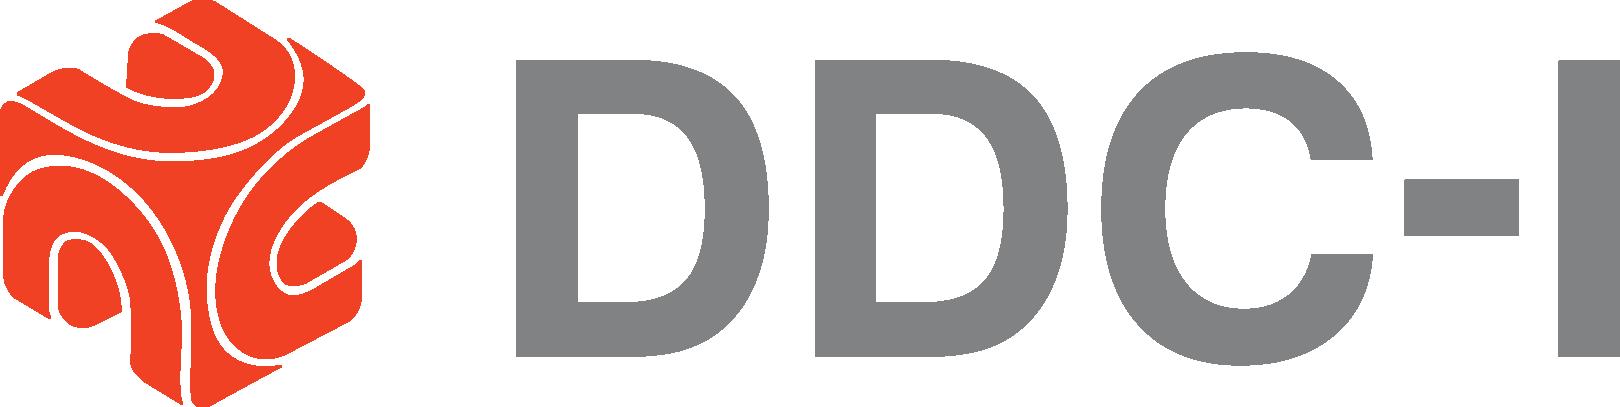 DDC-ILogoHighRes